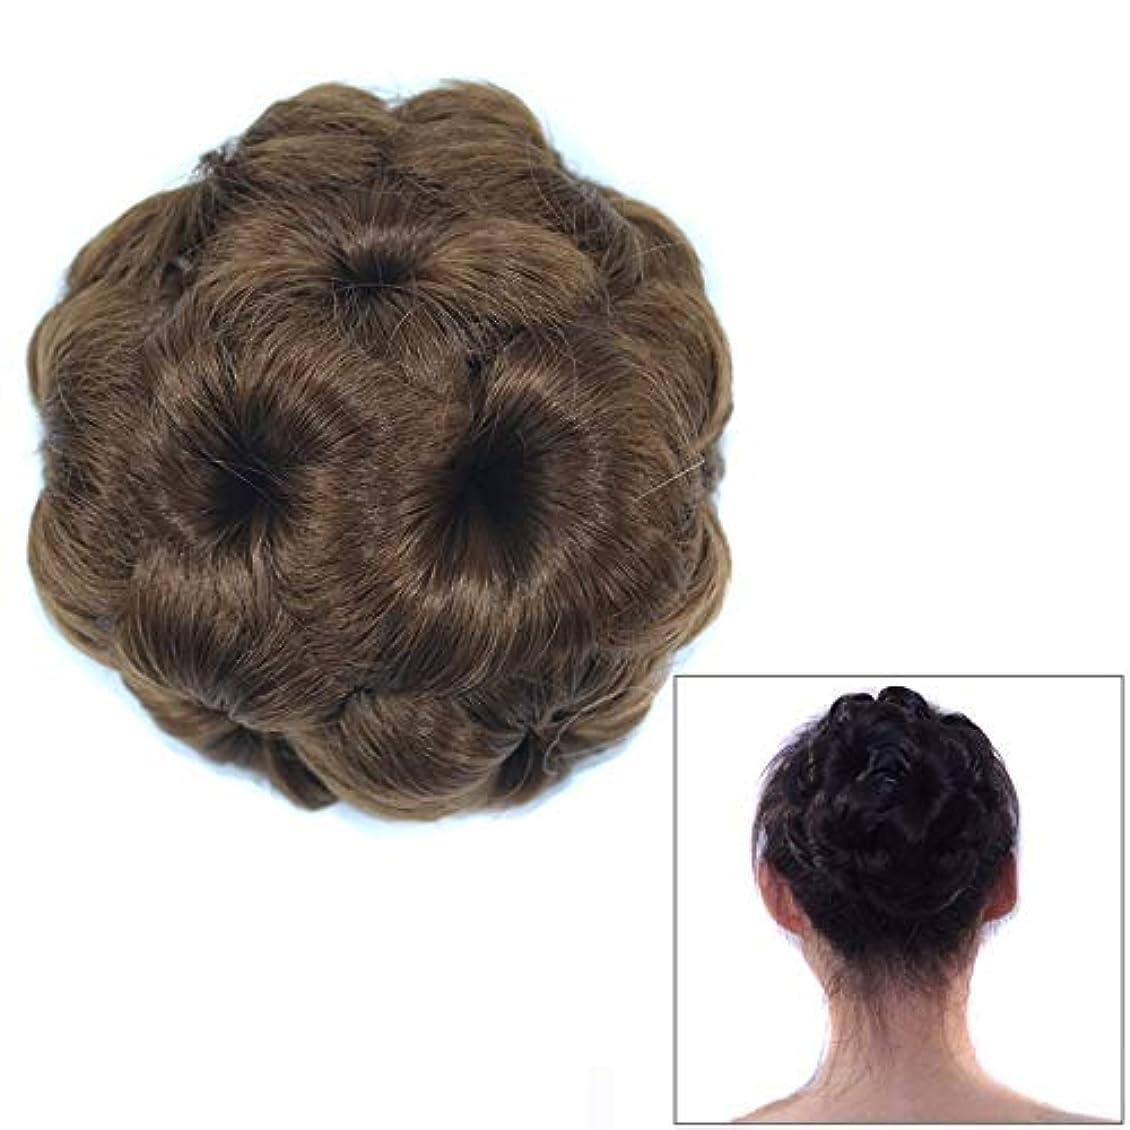 敏感な鎮静剤扱いやすいWTYD 美容ヘアツール 花嫁のための12#ウィッグボールヘッドフラワーヘアピンヘアバッグウィッグヘッドバンド